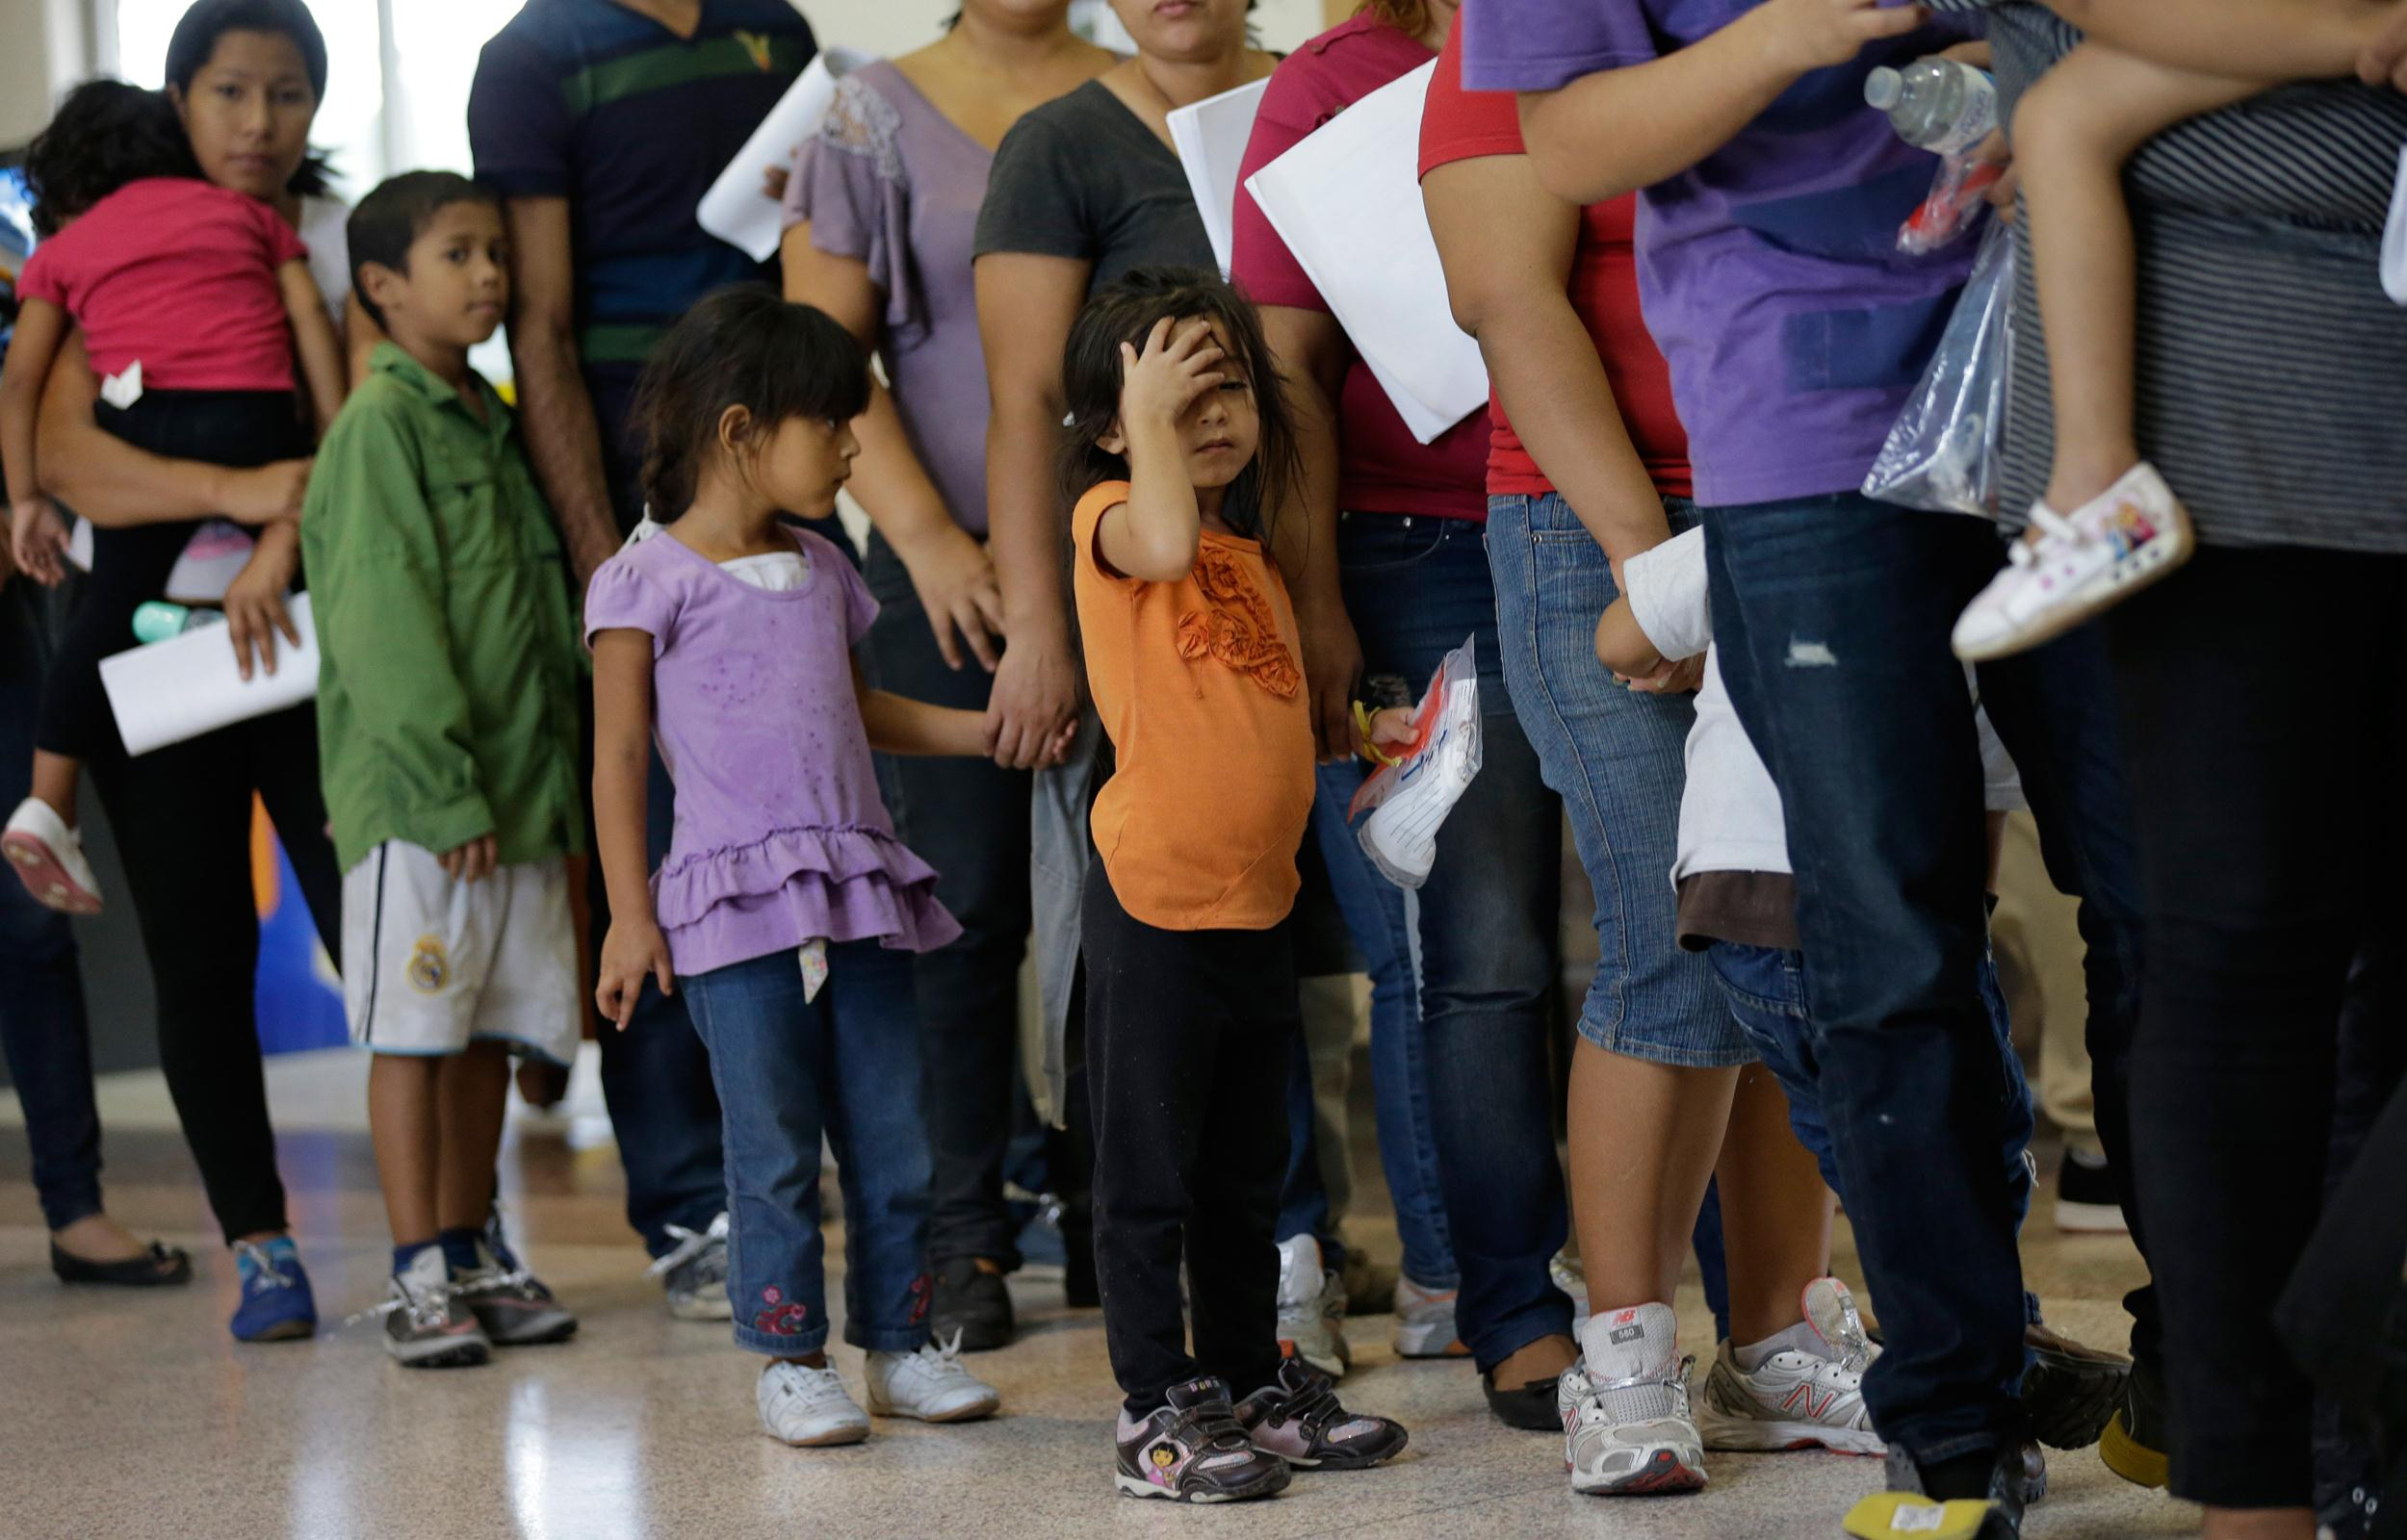 Многие иммигранты пользуются льготами, которые им теперь могут быть не положены. Фото cnsnews.com